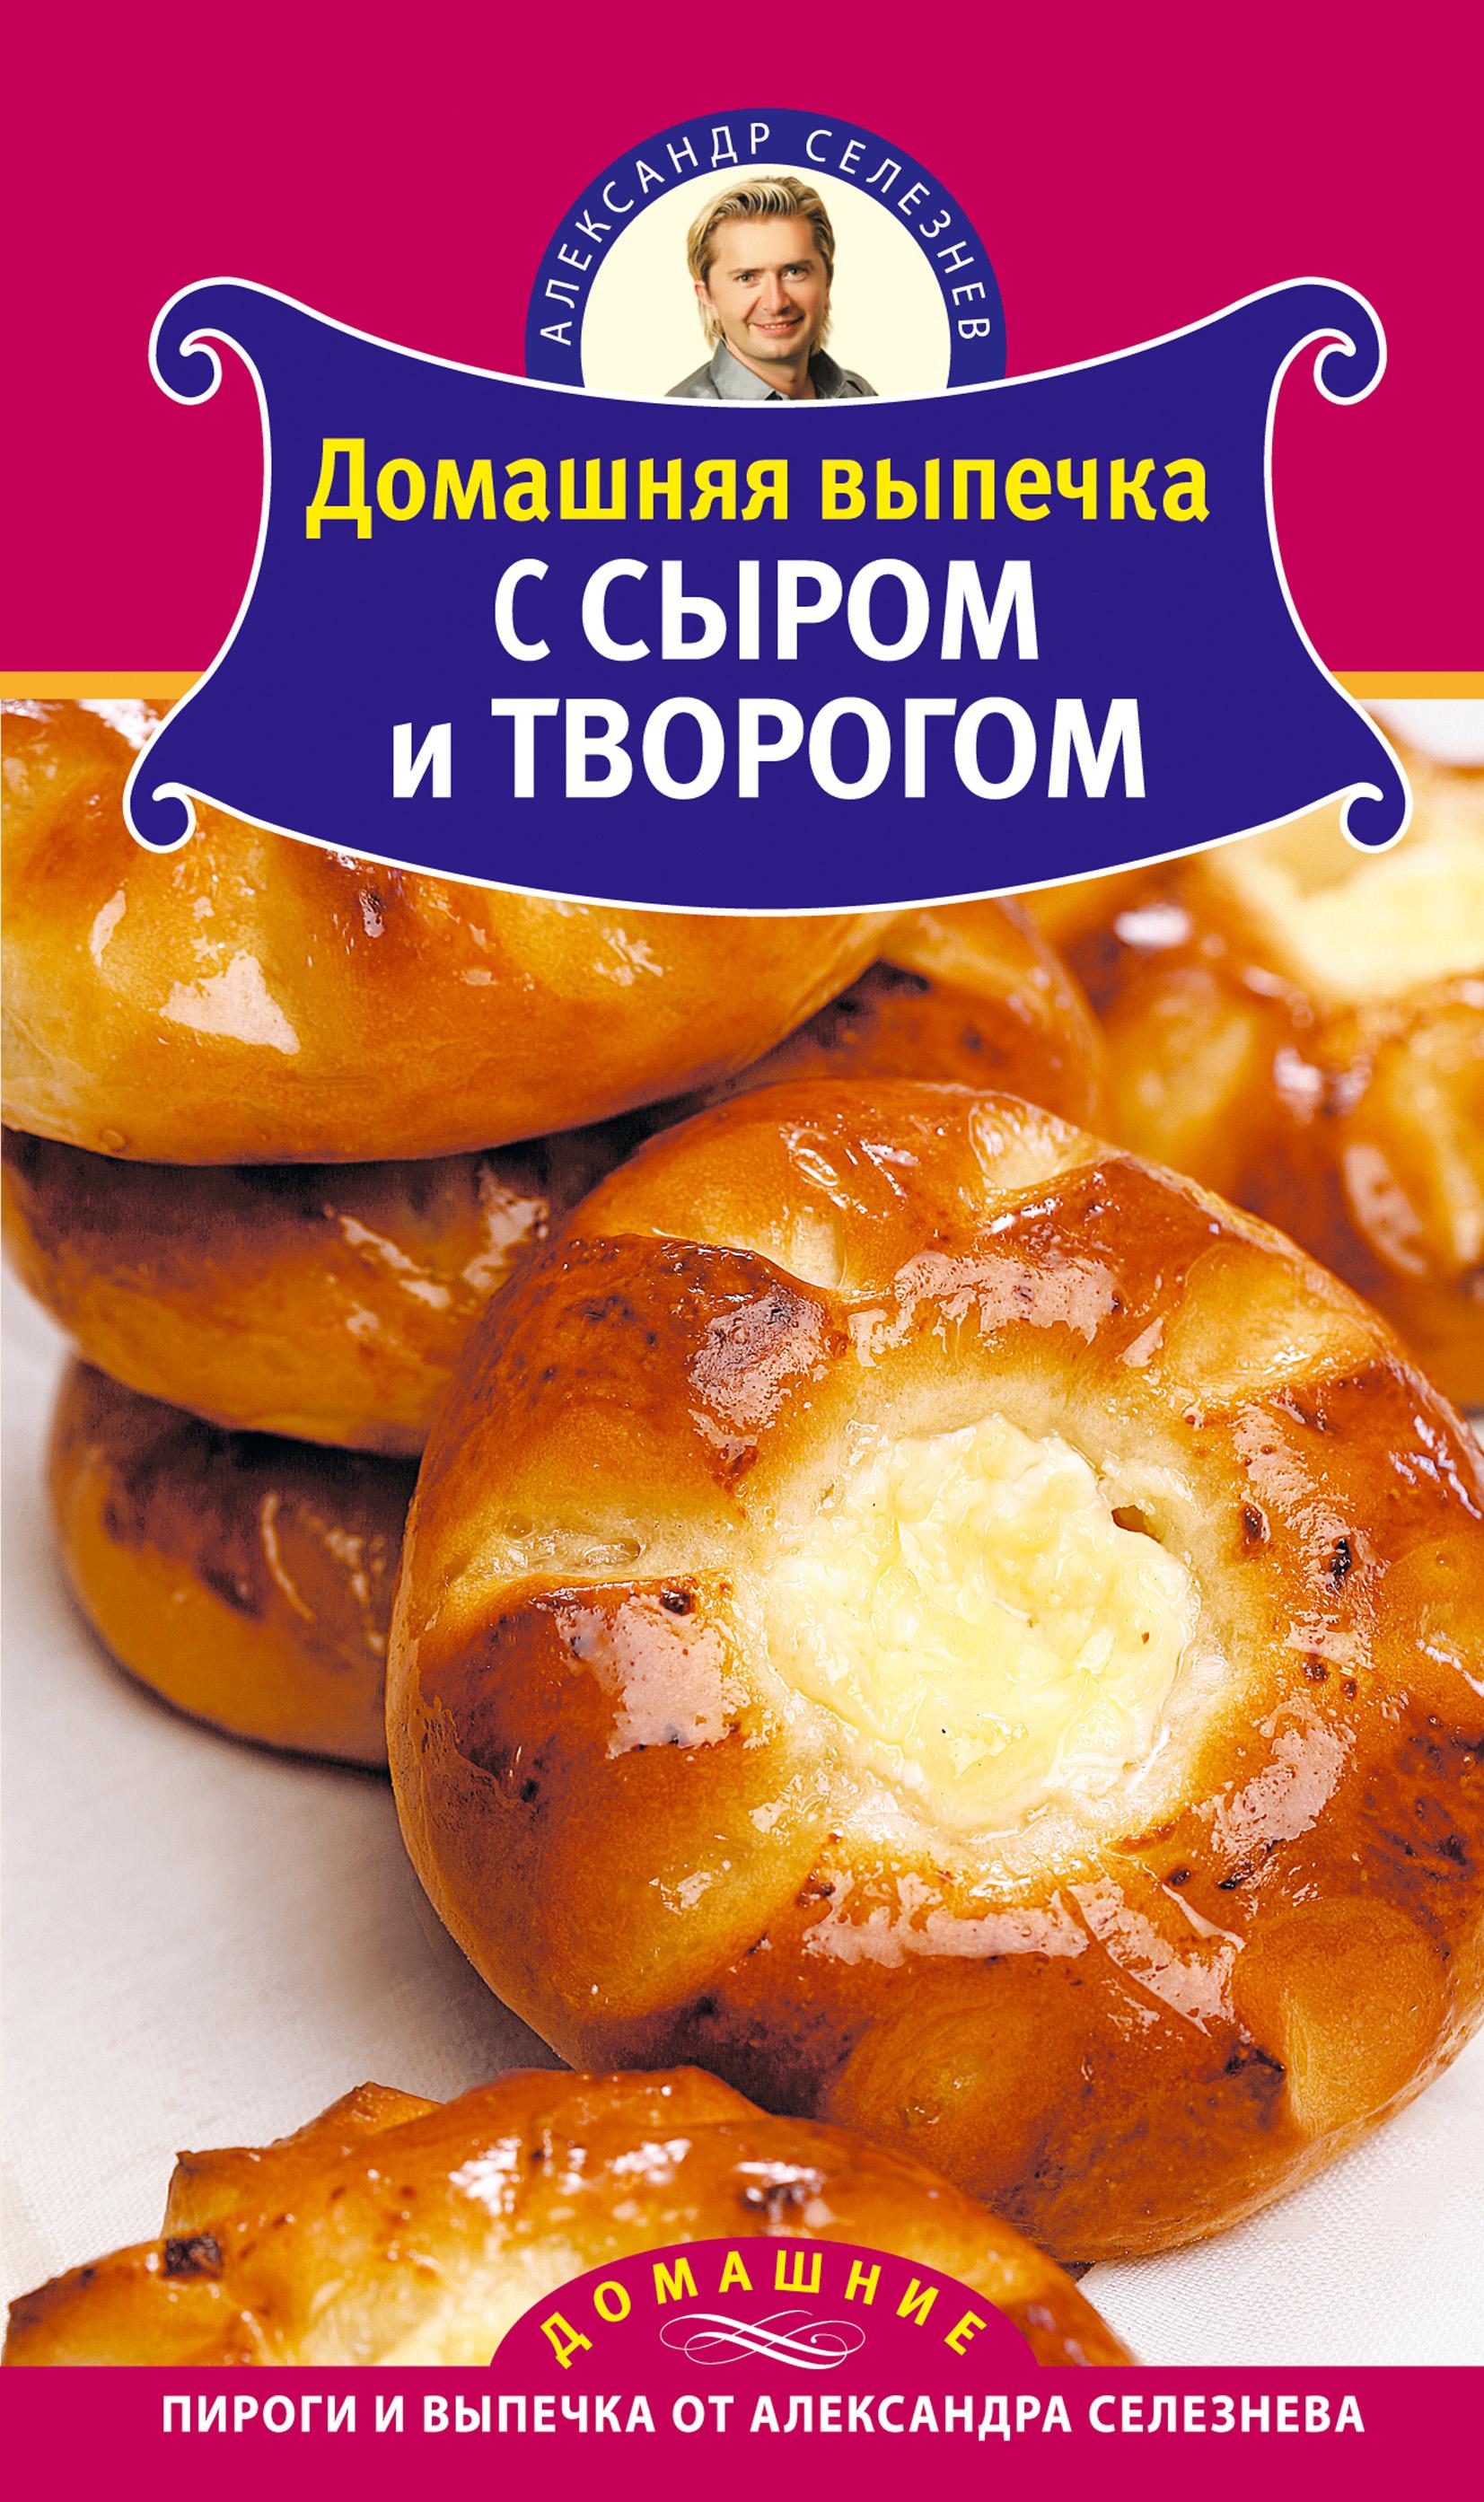 Александр Селезнев Домашняя выпечка с сыром и творогом